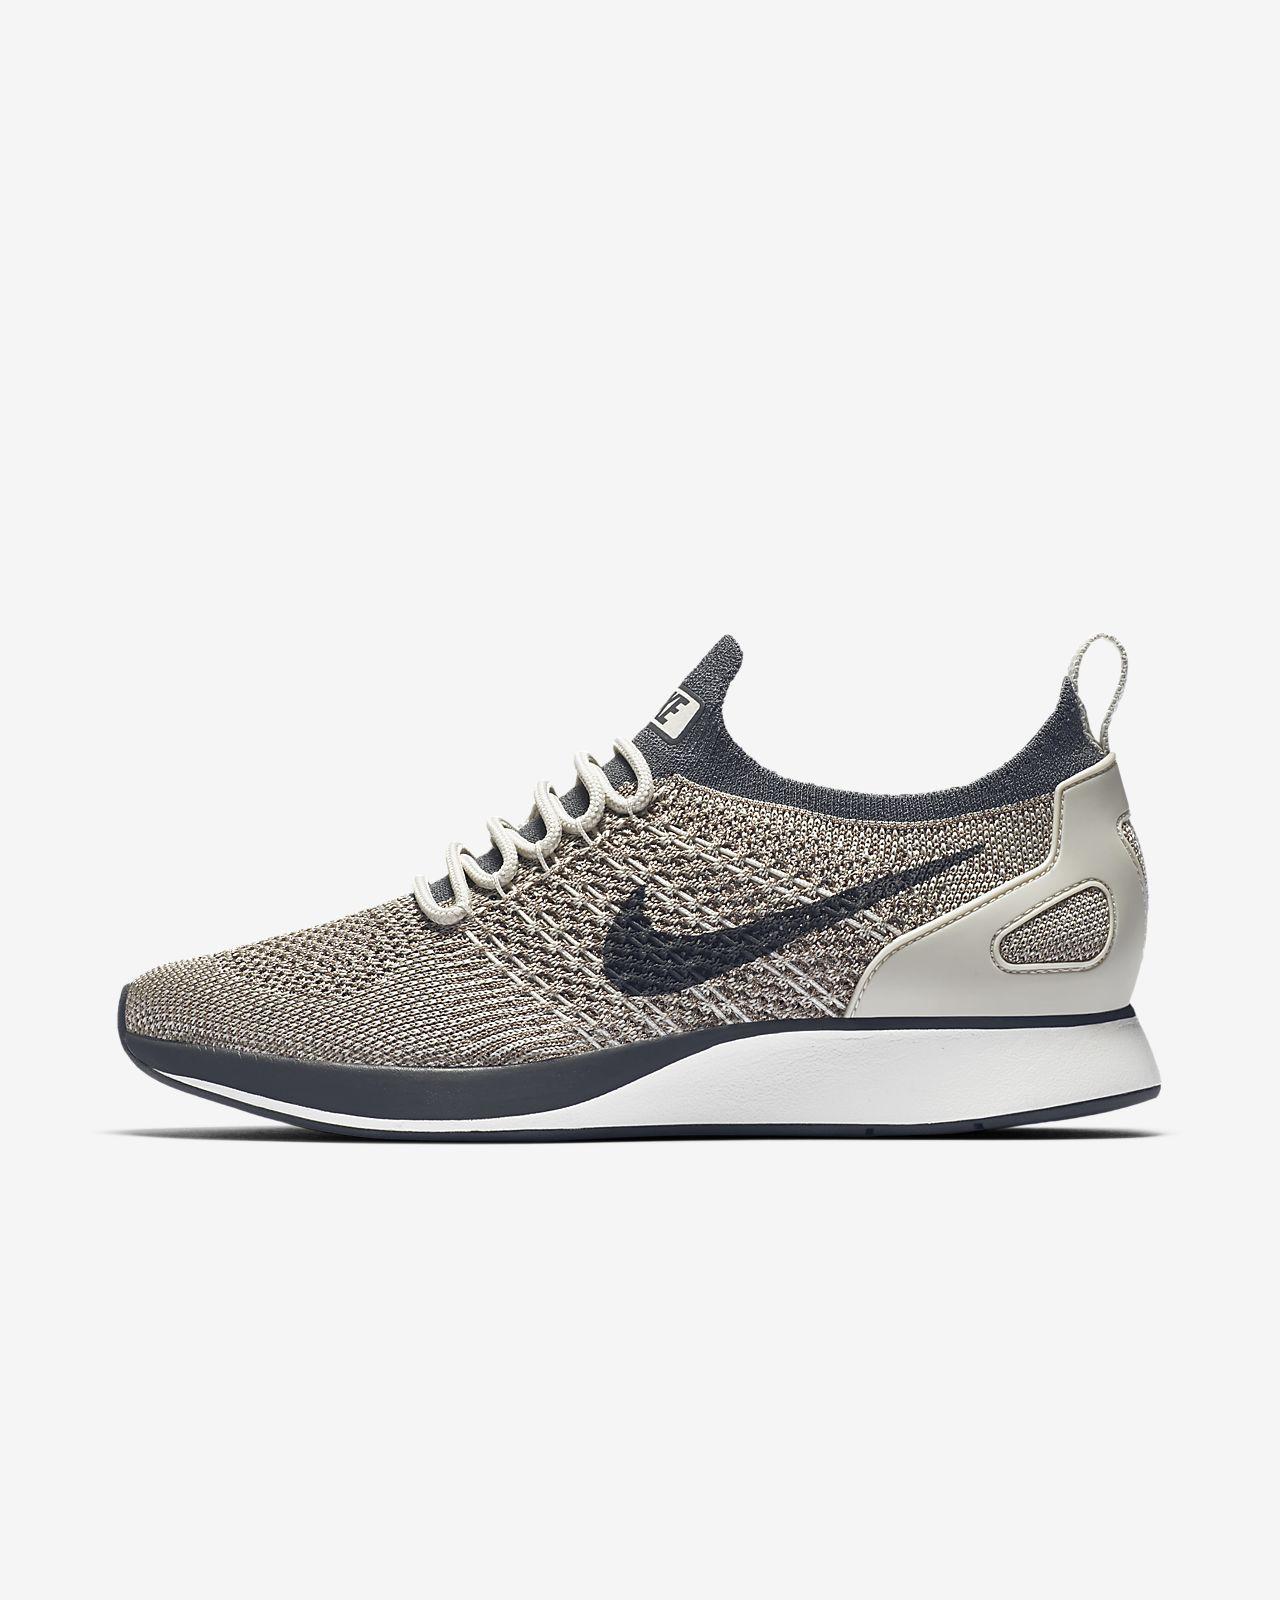 Nike Women's Air Zoom Mariah Flyknit Racer Sneaker 511r4W